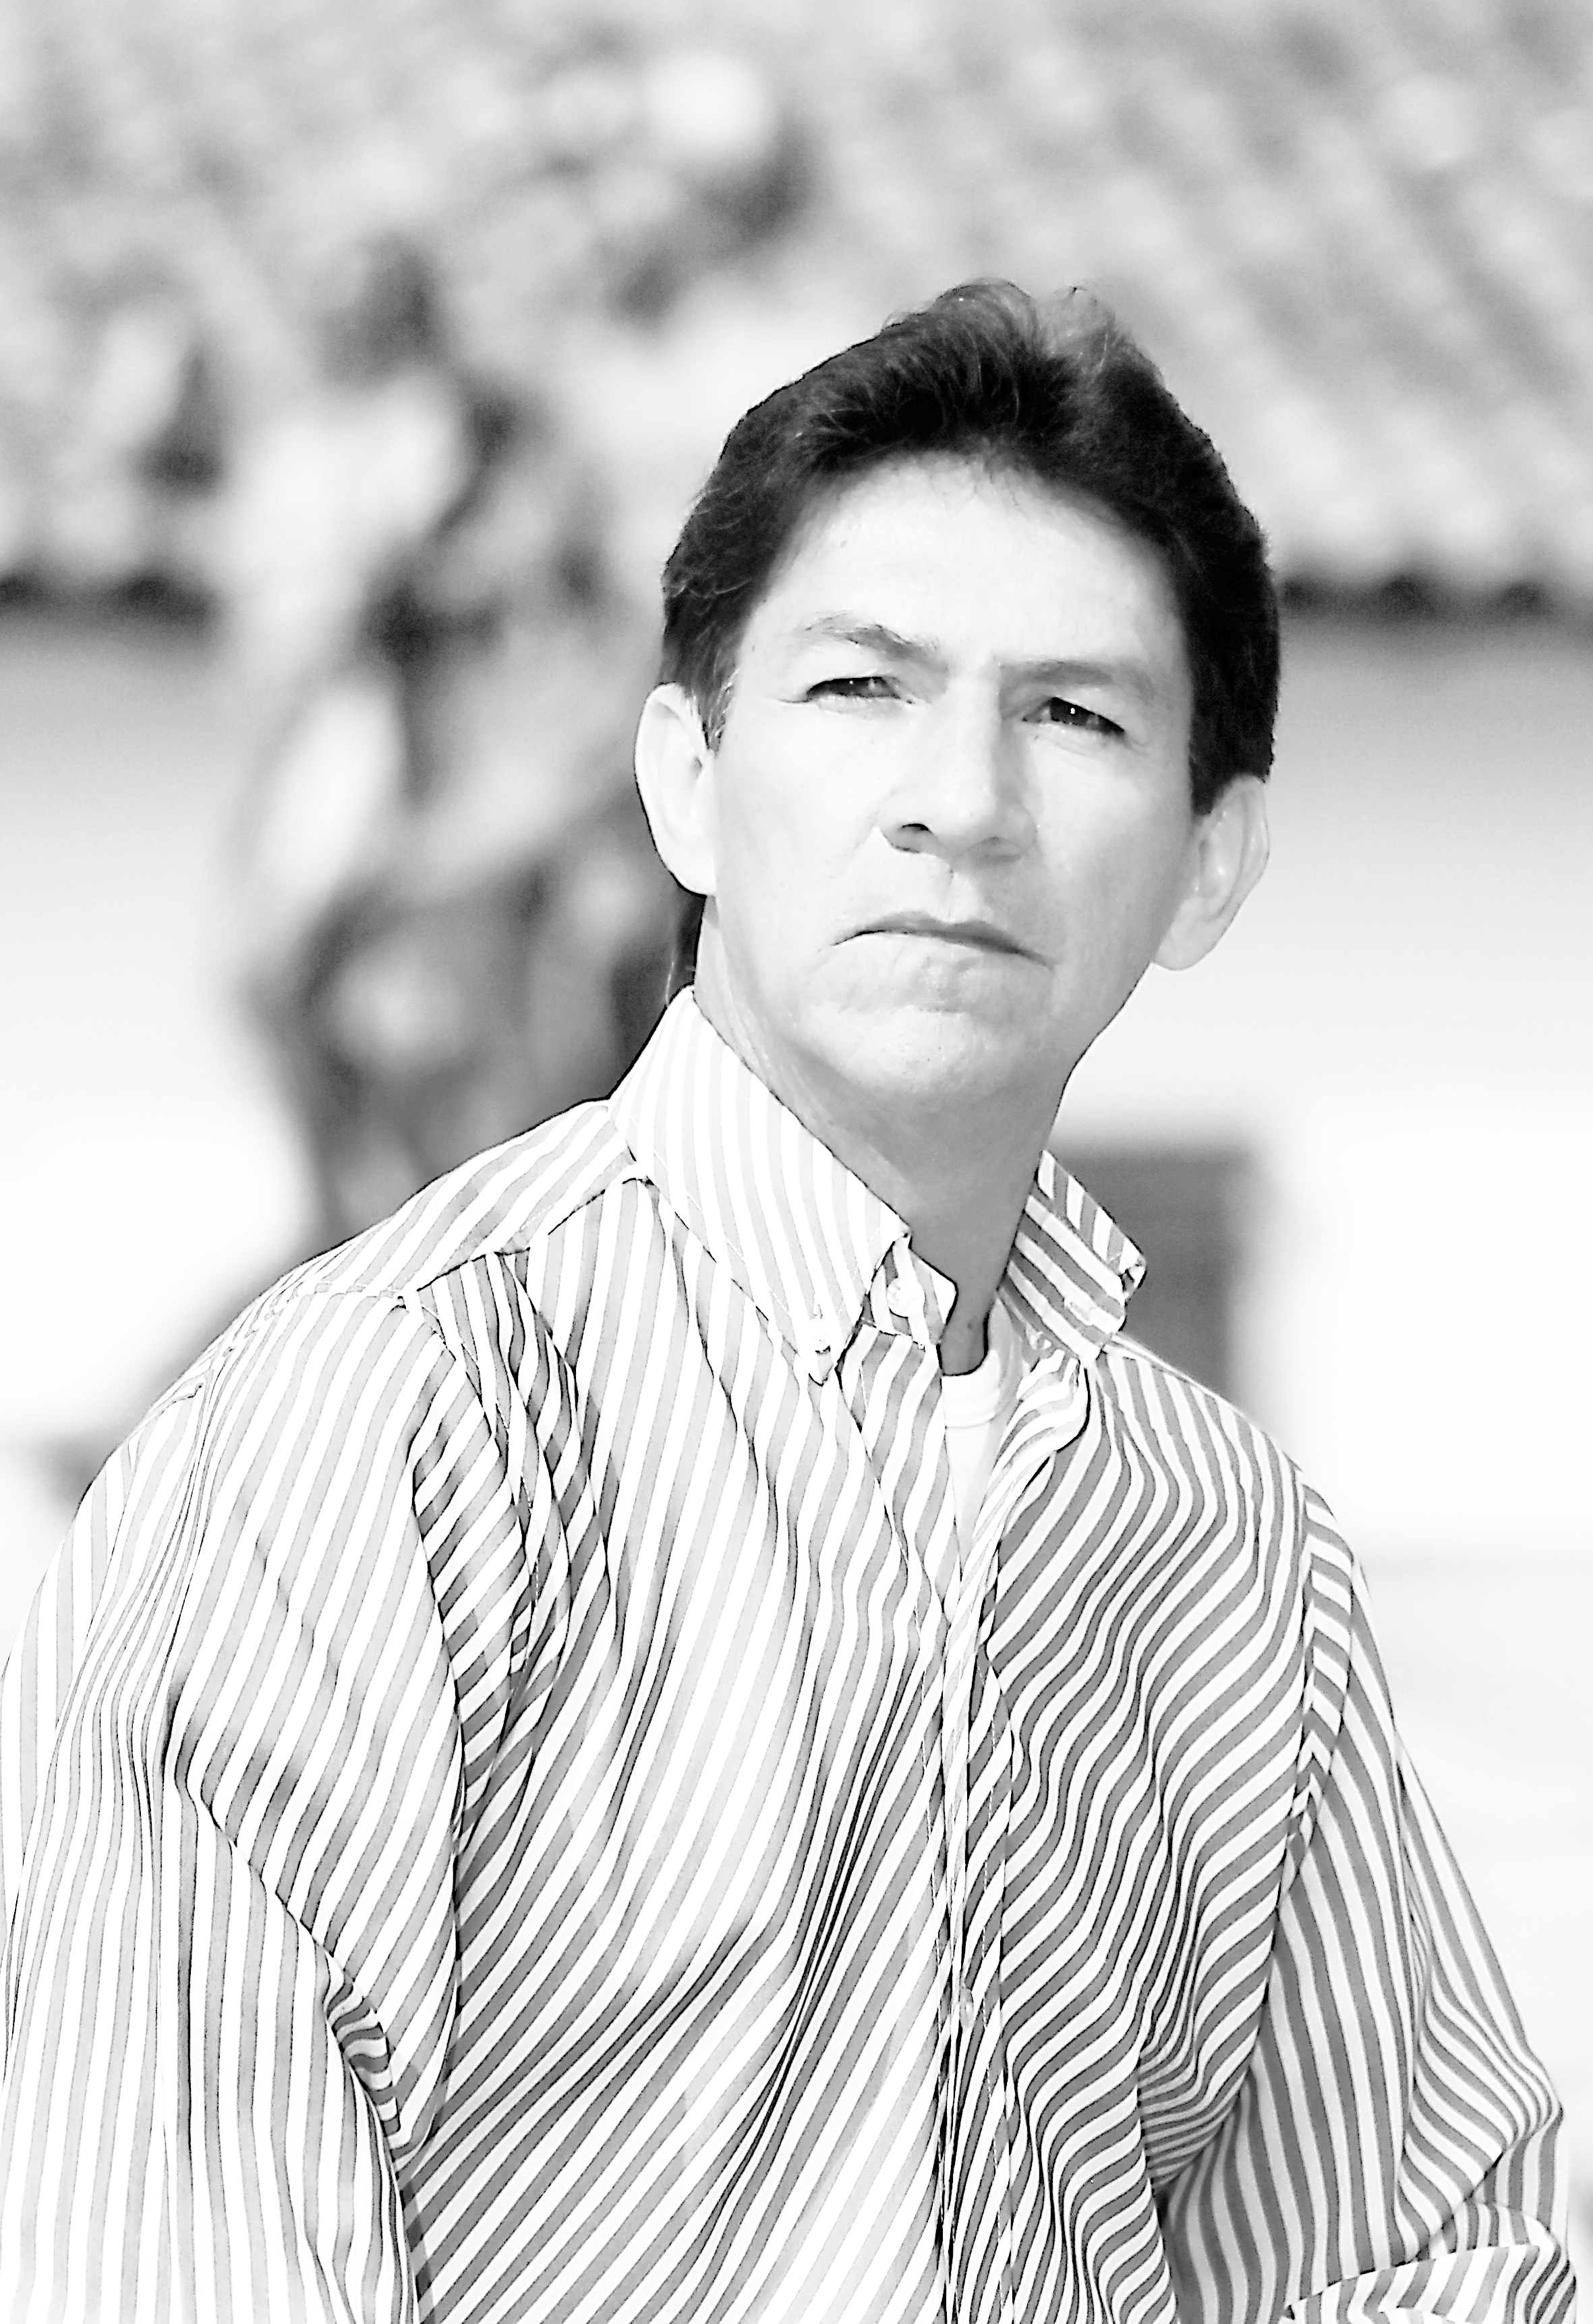 Moción de aclaración Por: José Oscar Fajardo | EL FRENTE